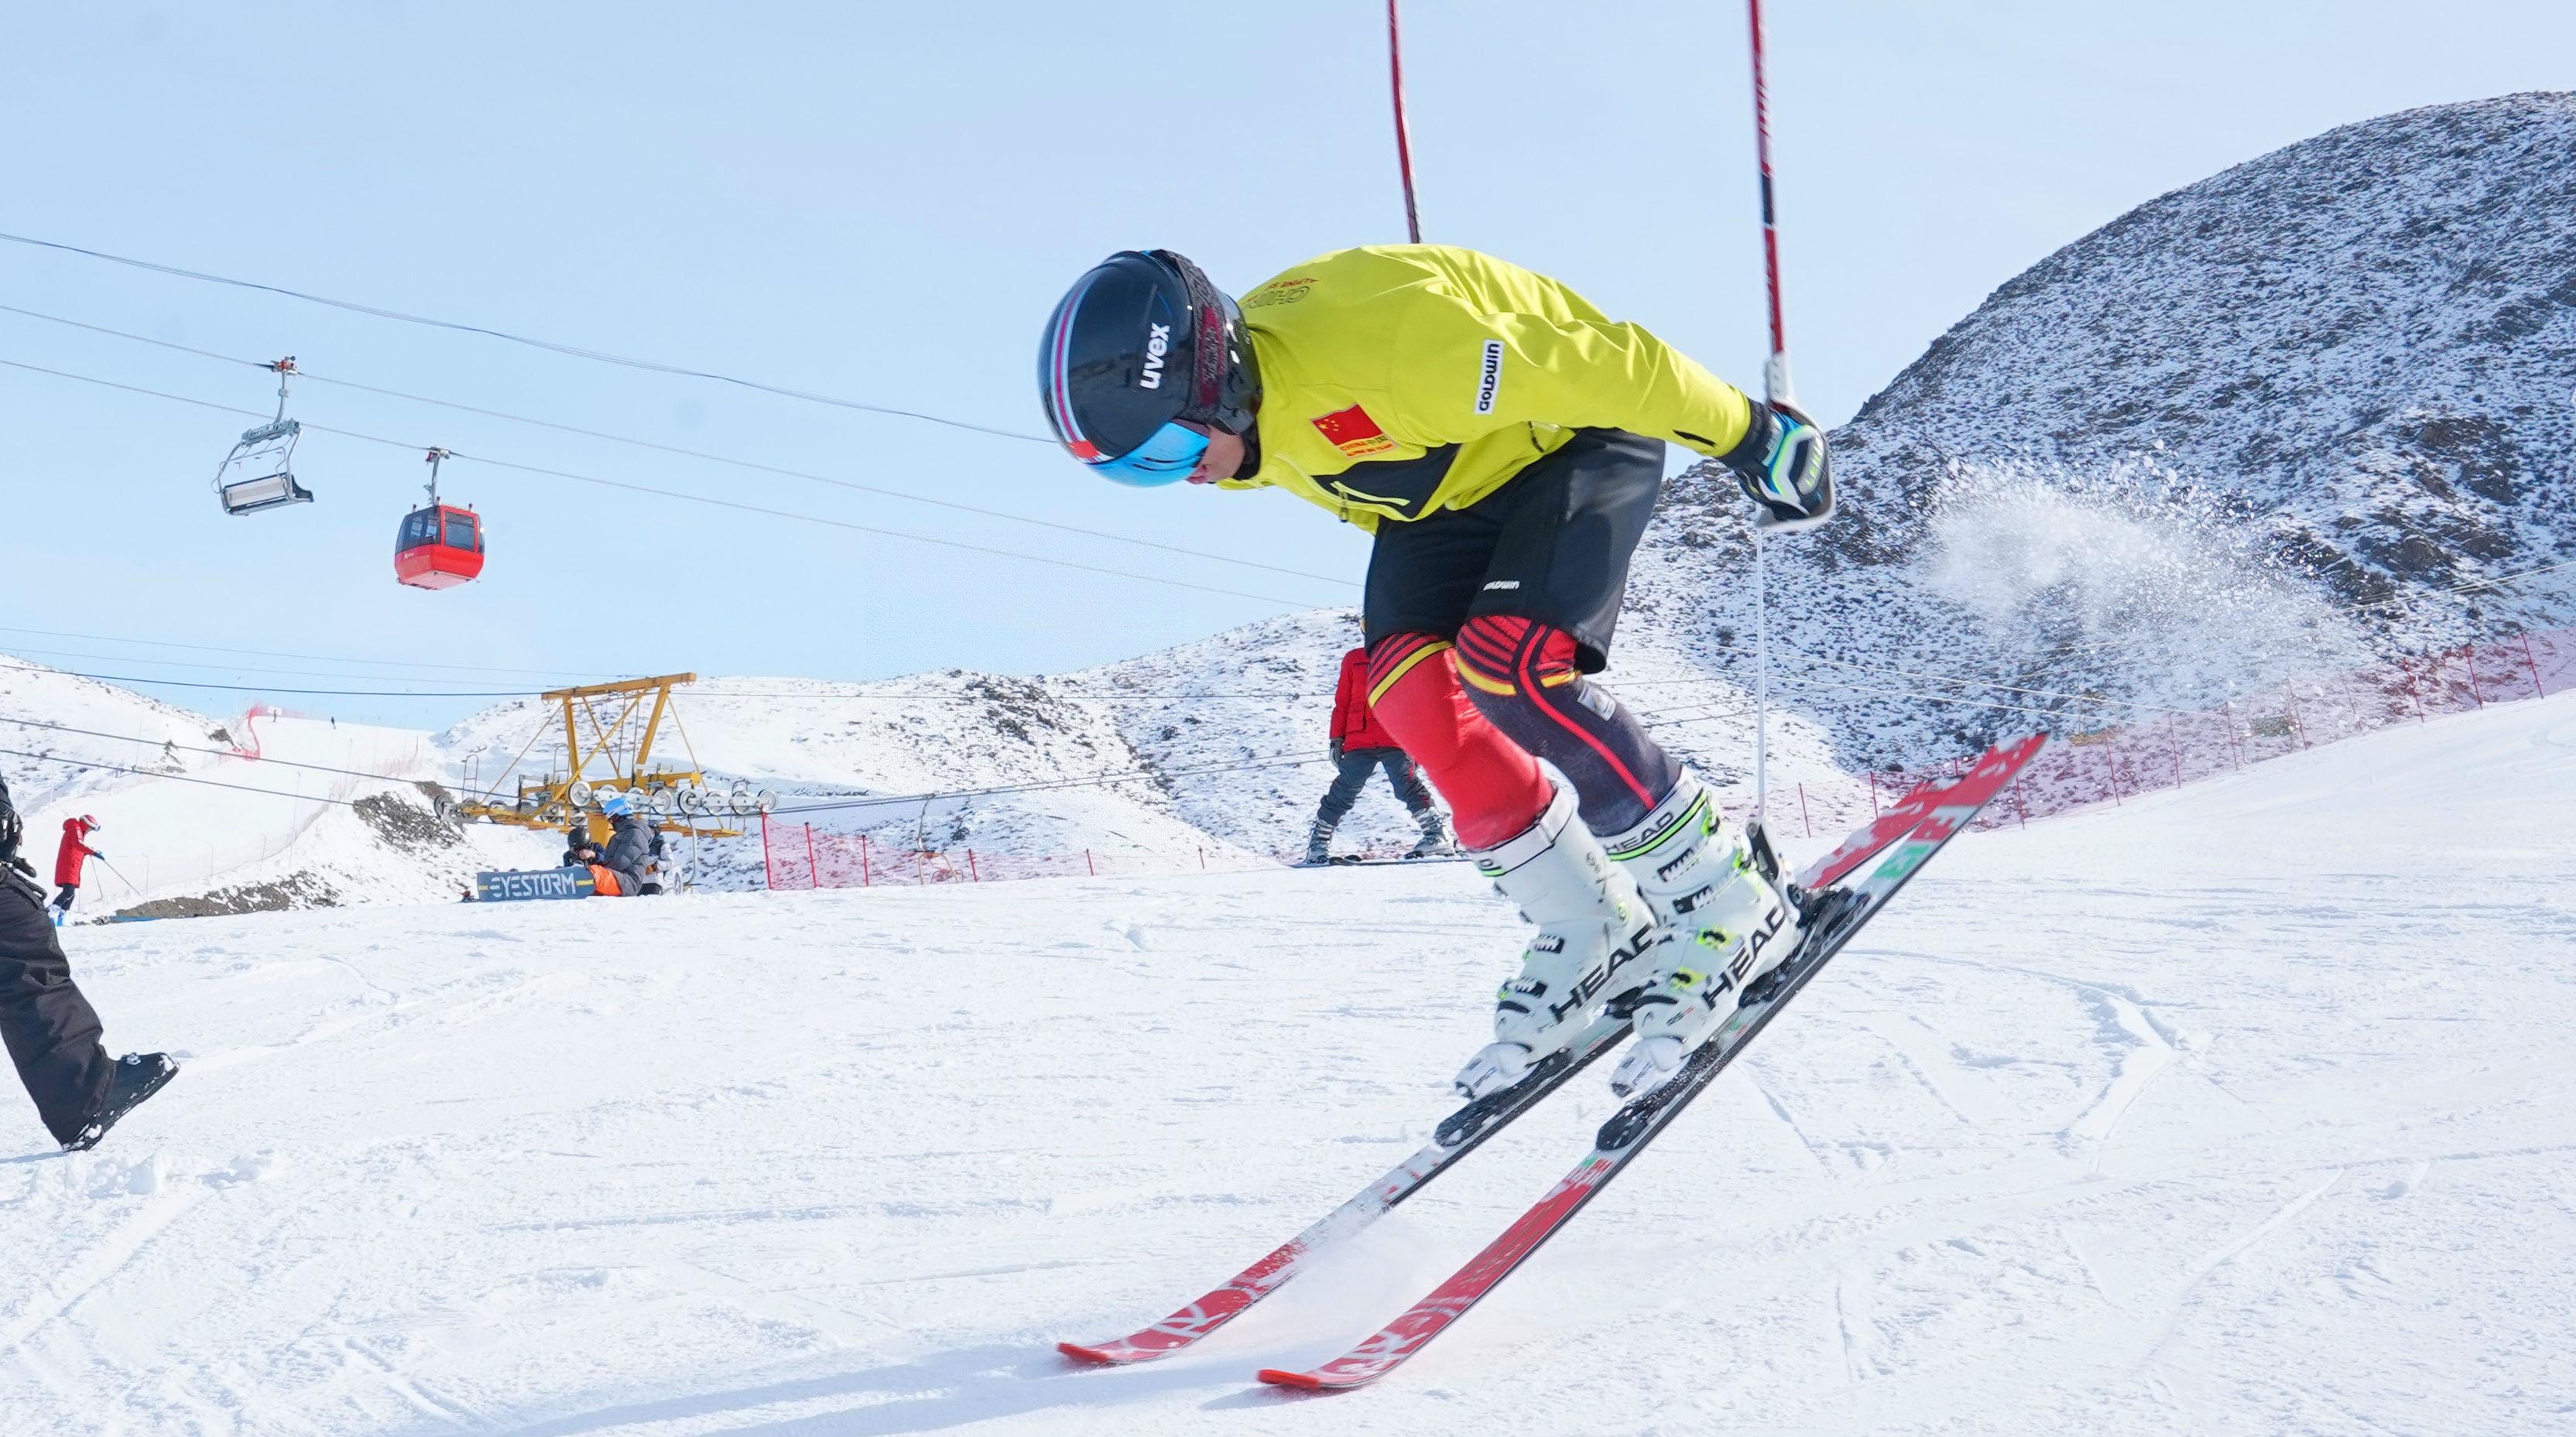 外媒:全球滑雪业热盼中国爱好者 高端滑雪市场最受益